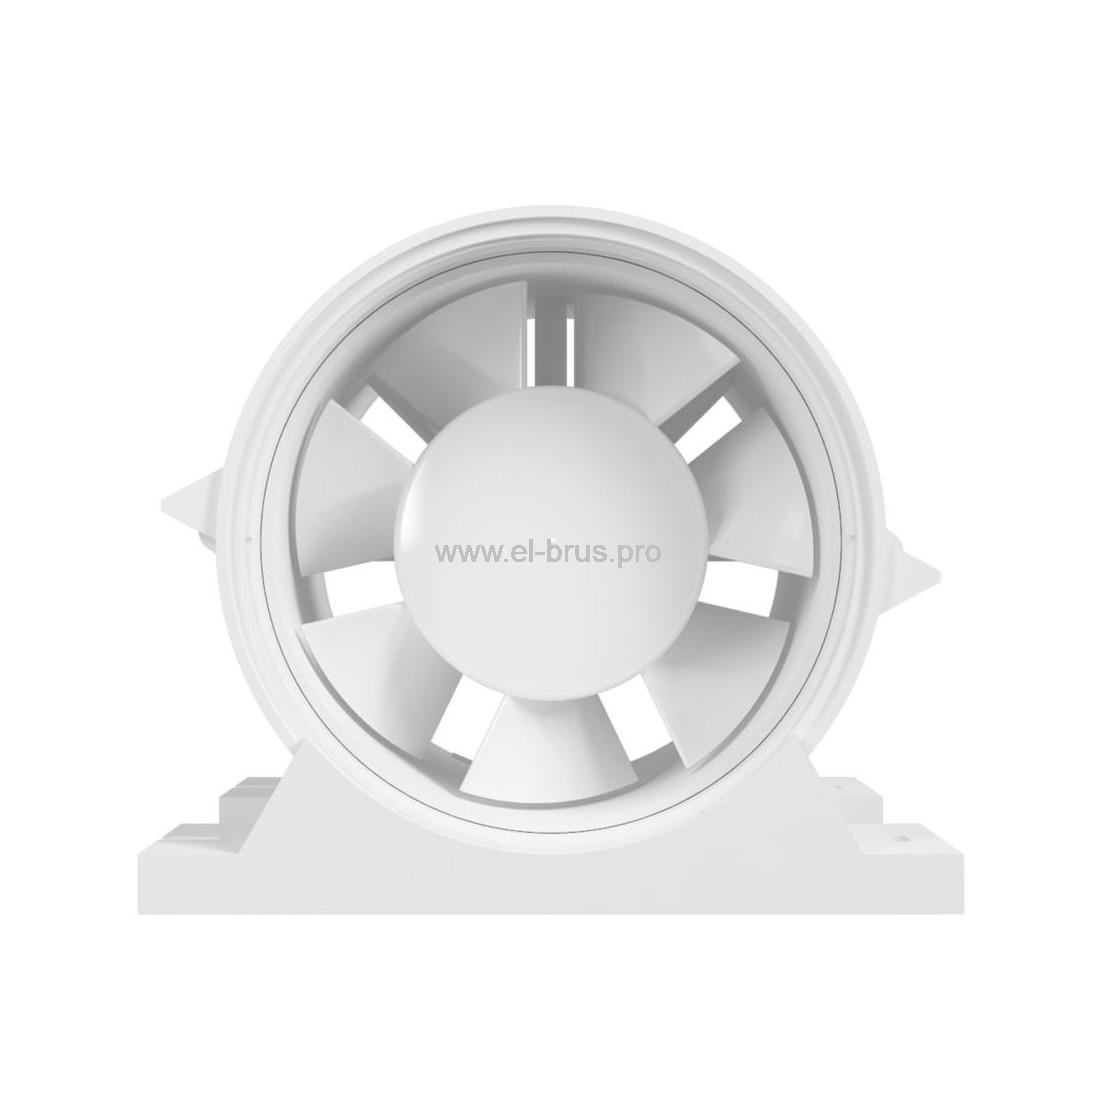 Вентилятор осевой канальный приточно-вытяжной с крепежным комплектом ERA PRO 4 Ø100мм